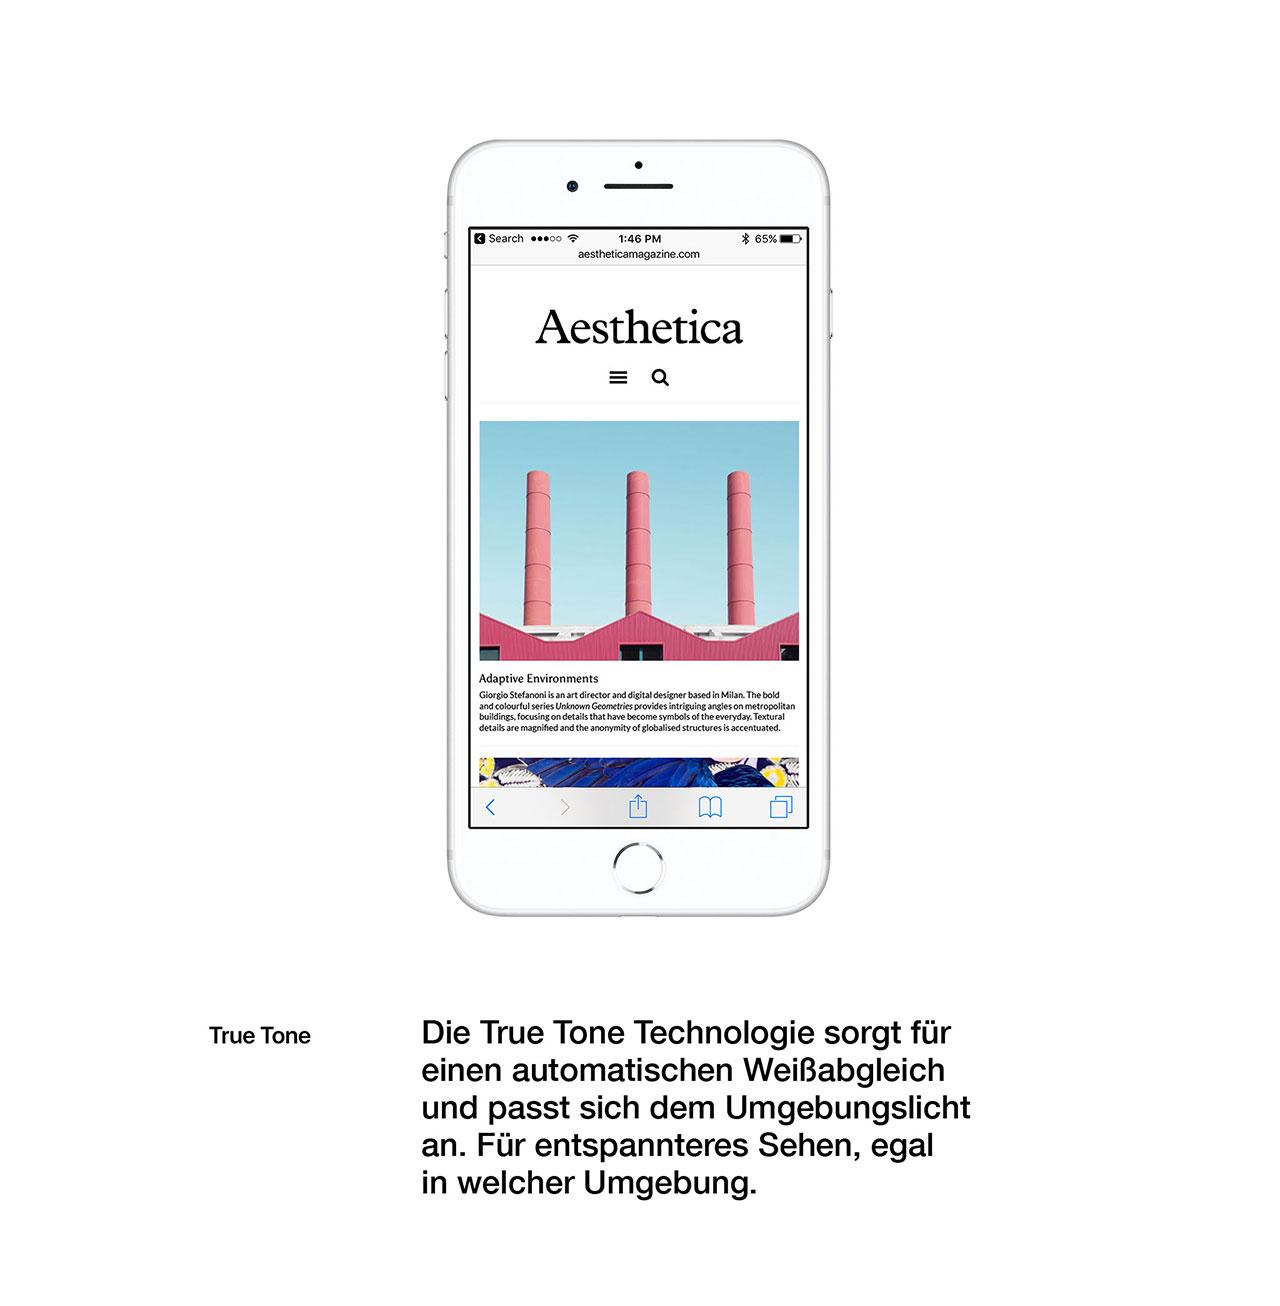 Automatischer Weißabgleich durch True Tone Technologie